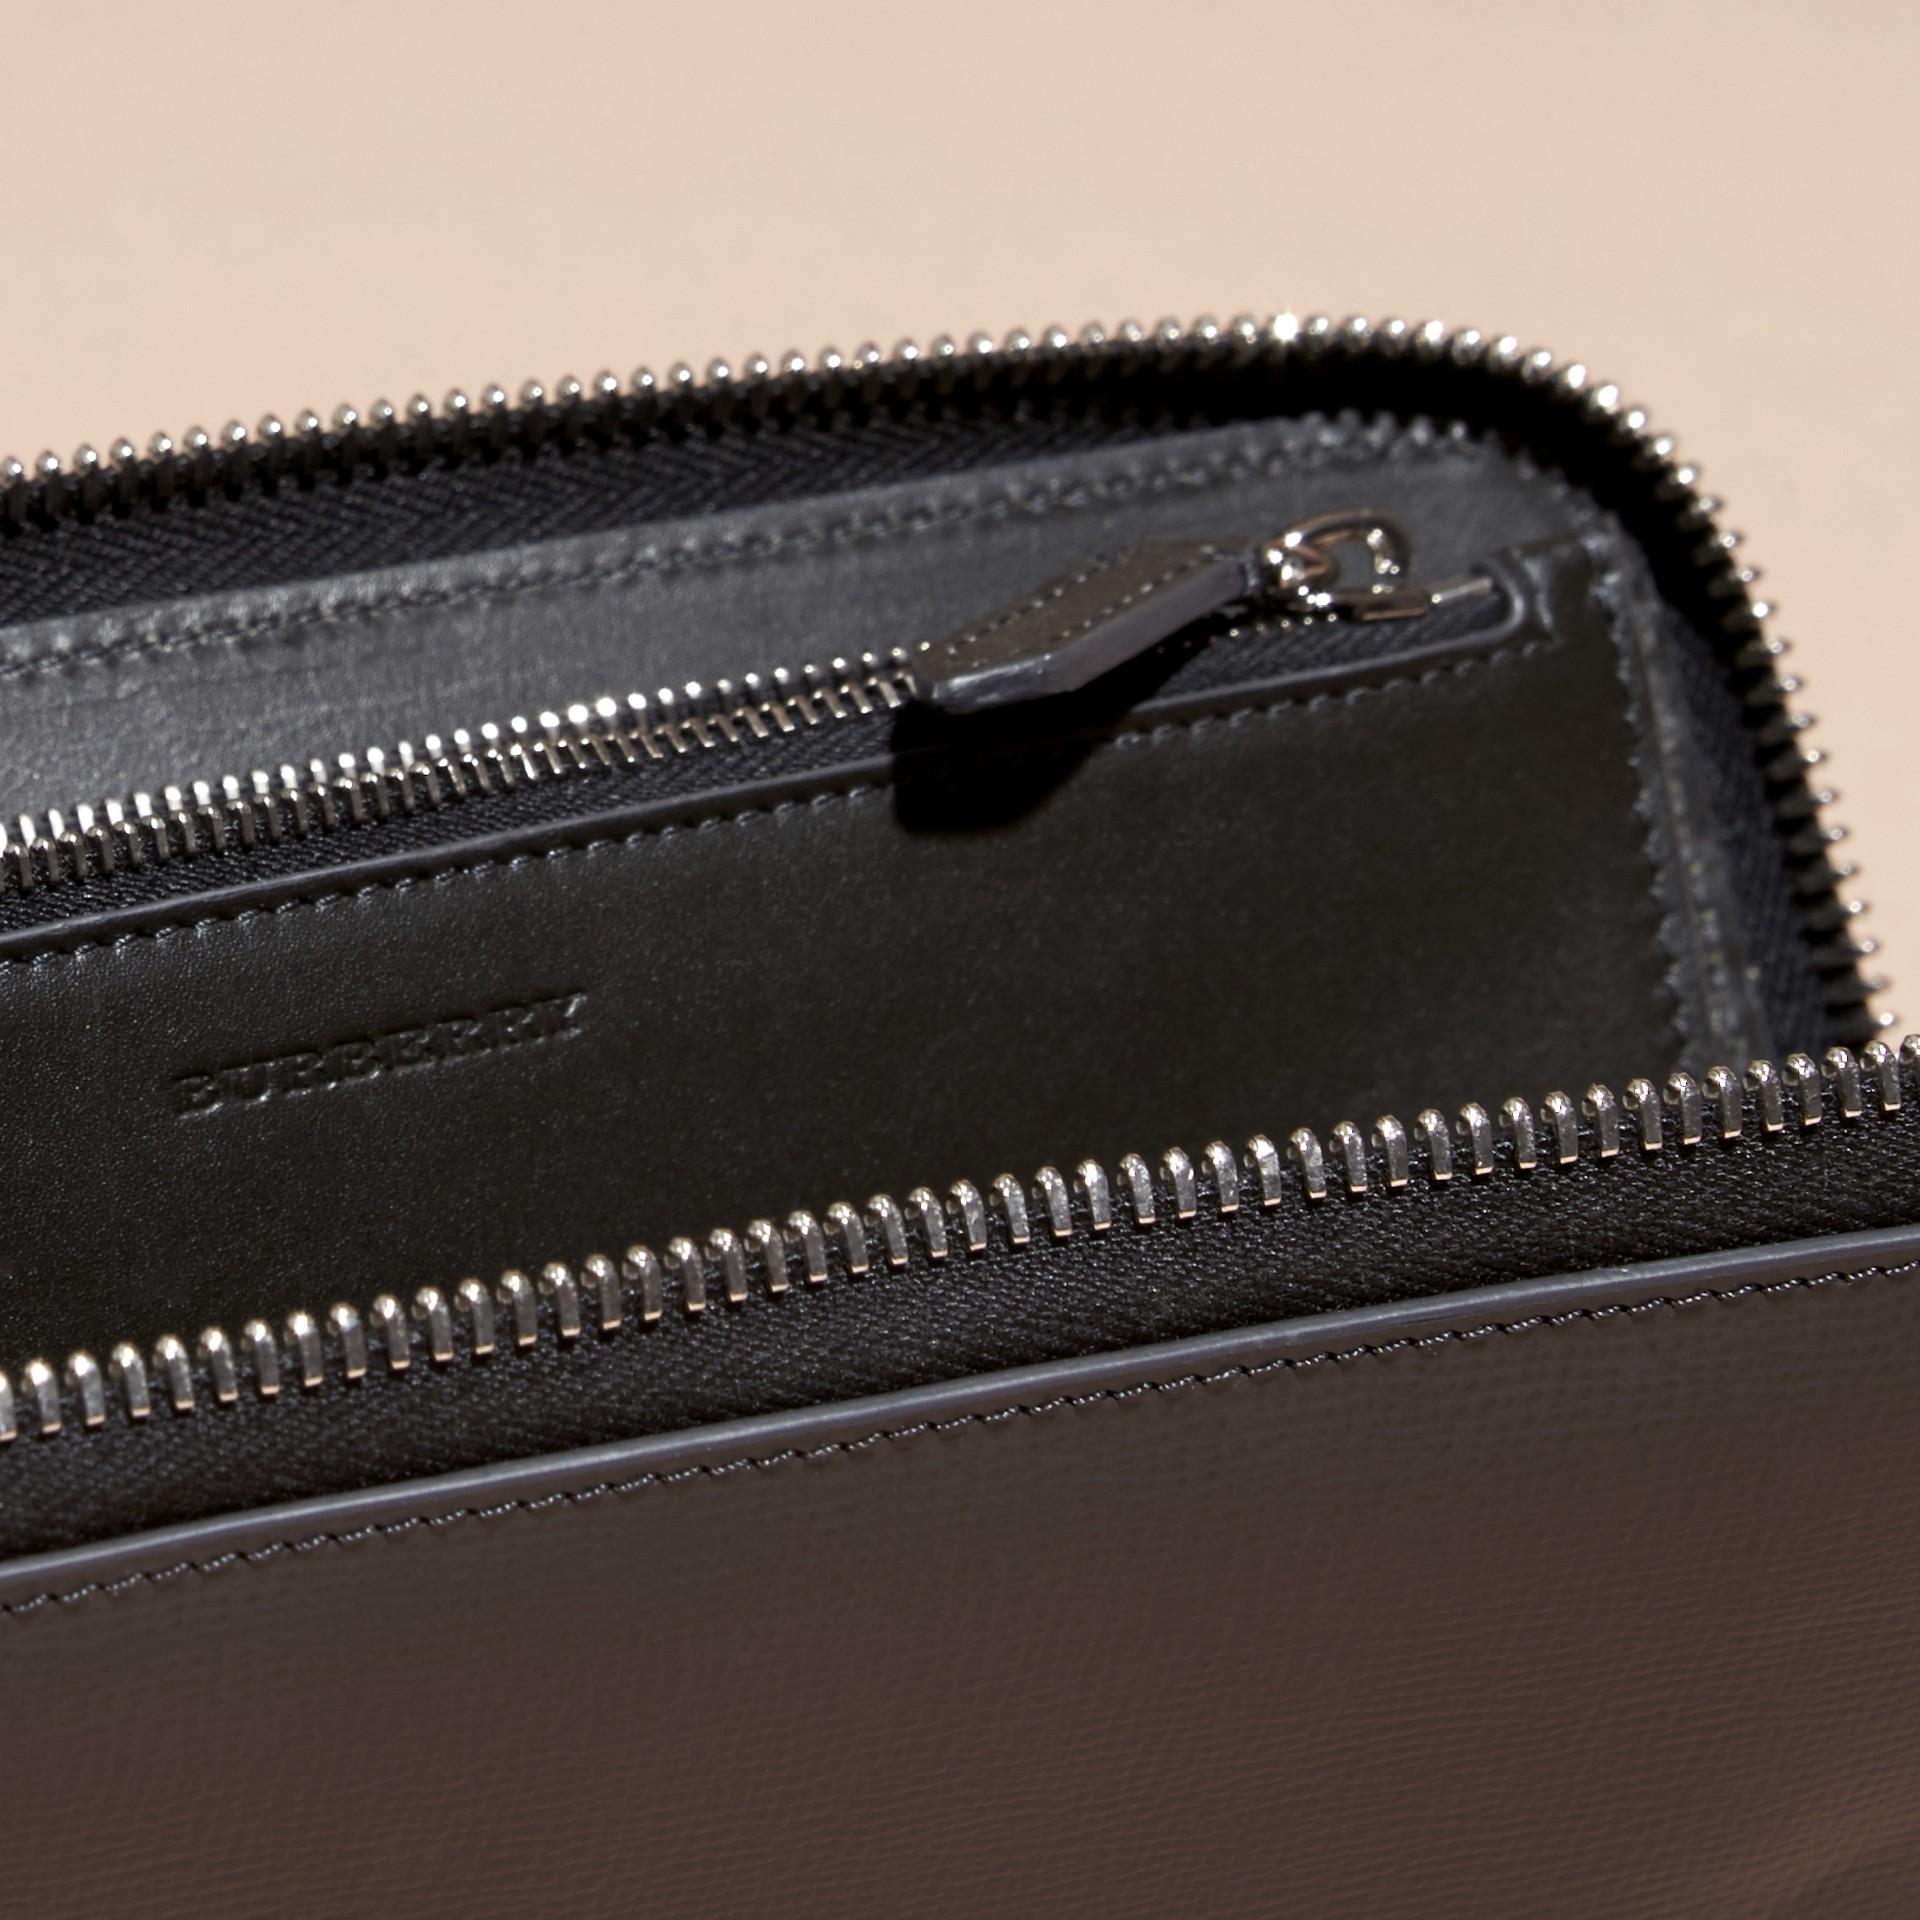 Anthracite/noir Portefeuille color-block à contour zippé en cuir London Anthracite/noir - photo de la galerie 5